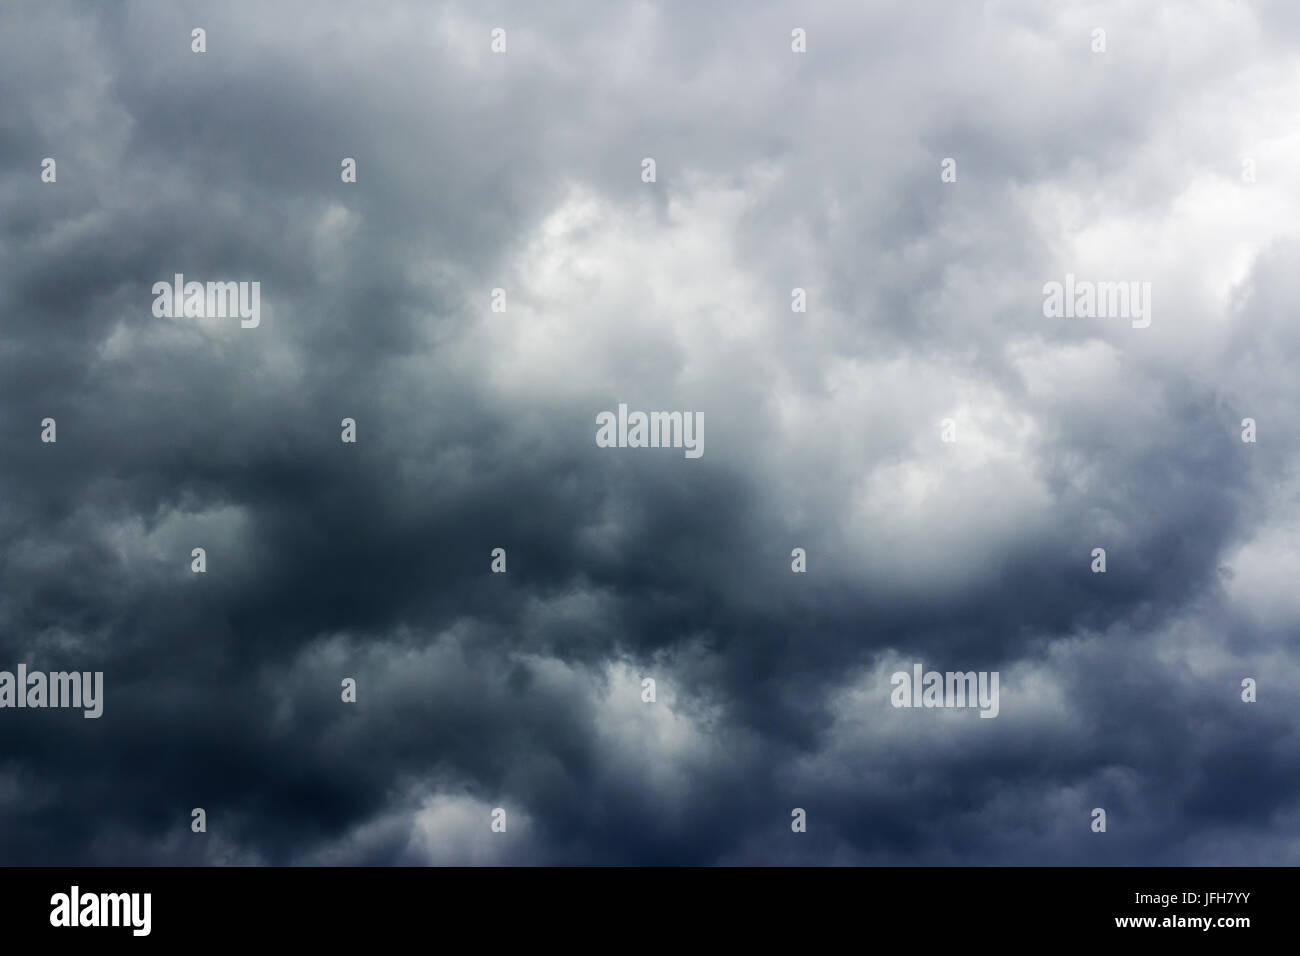 Ciel nuageux menaçant Photo Stock